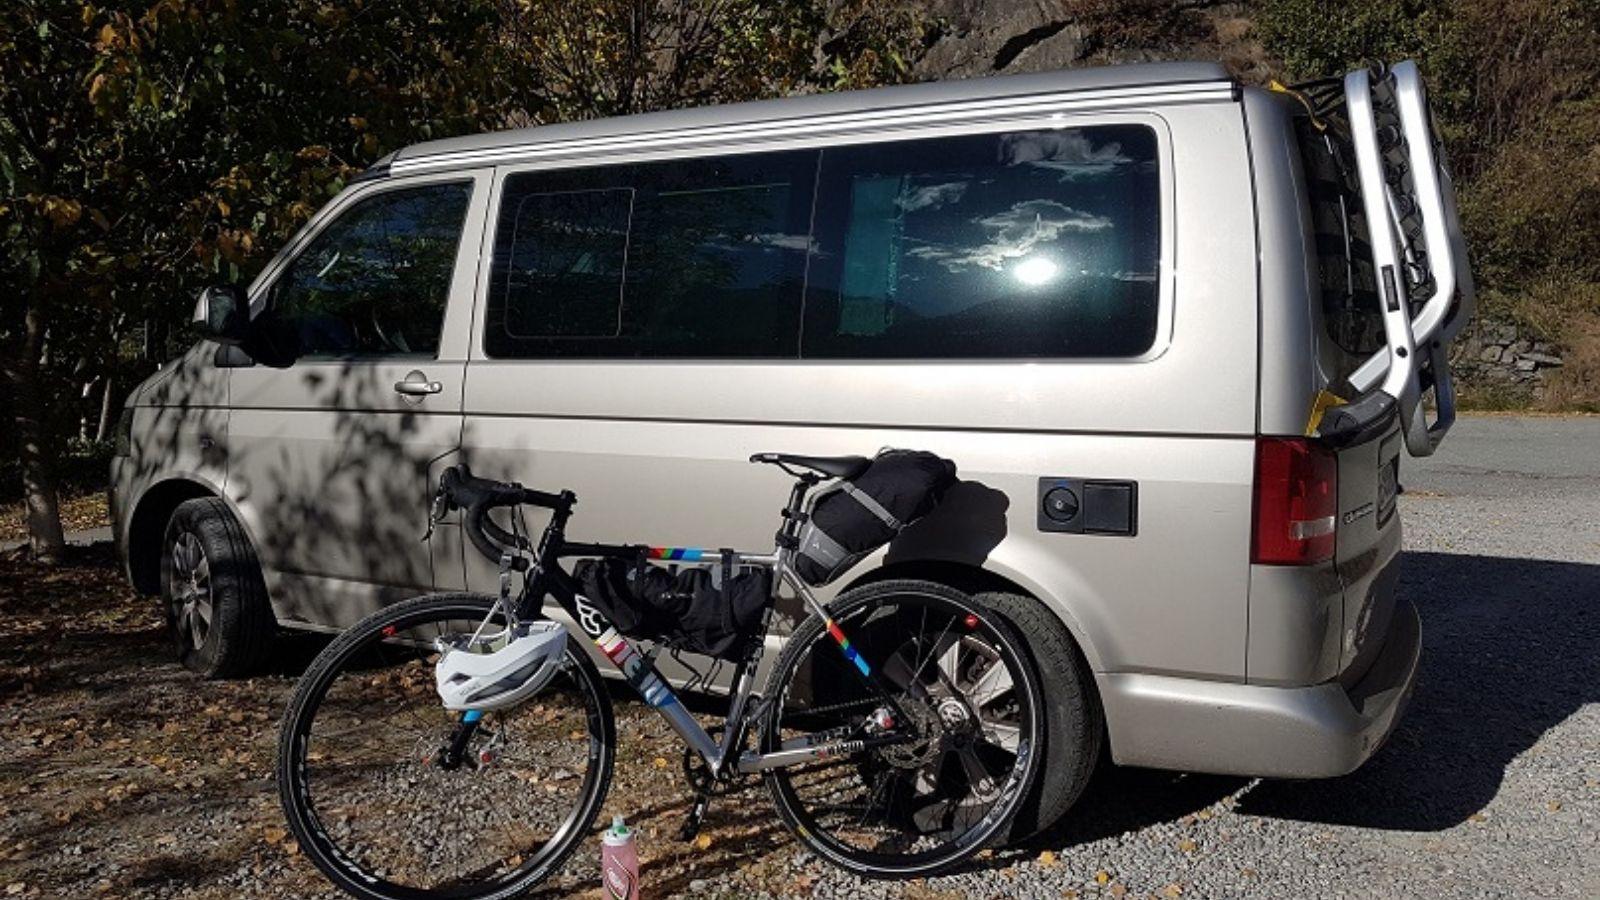 Le gravel sono biciclette tuttofare, ottime anche per viaggiare